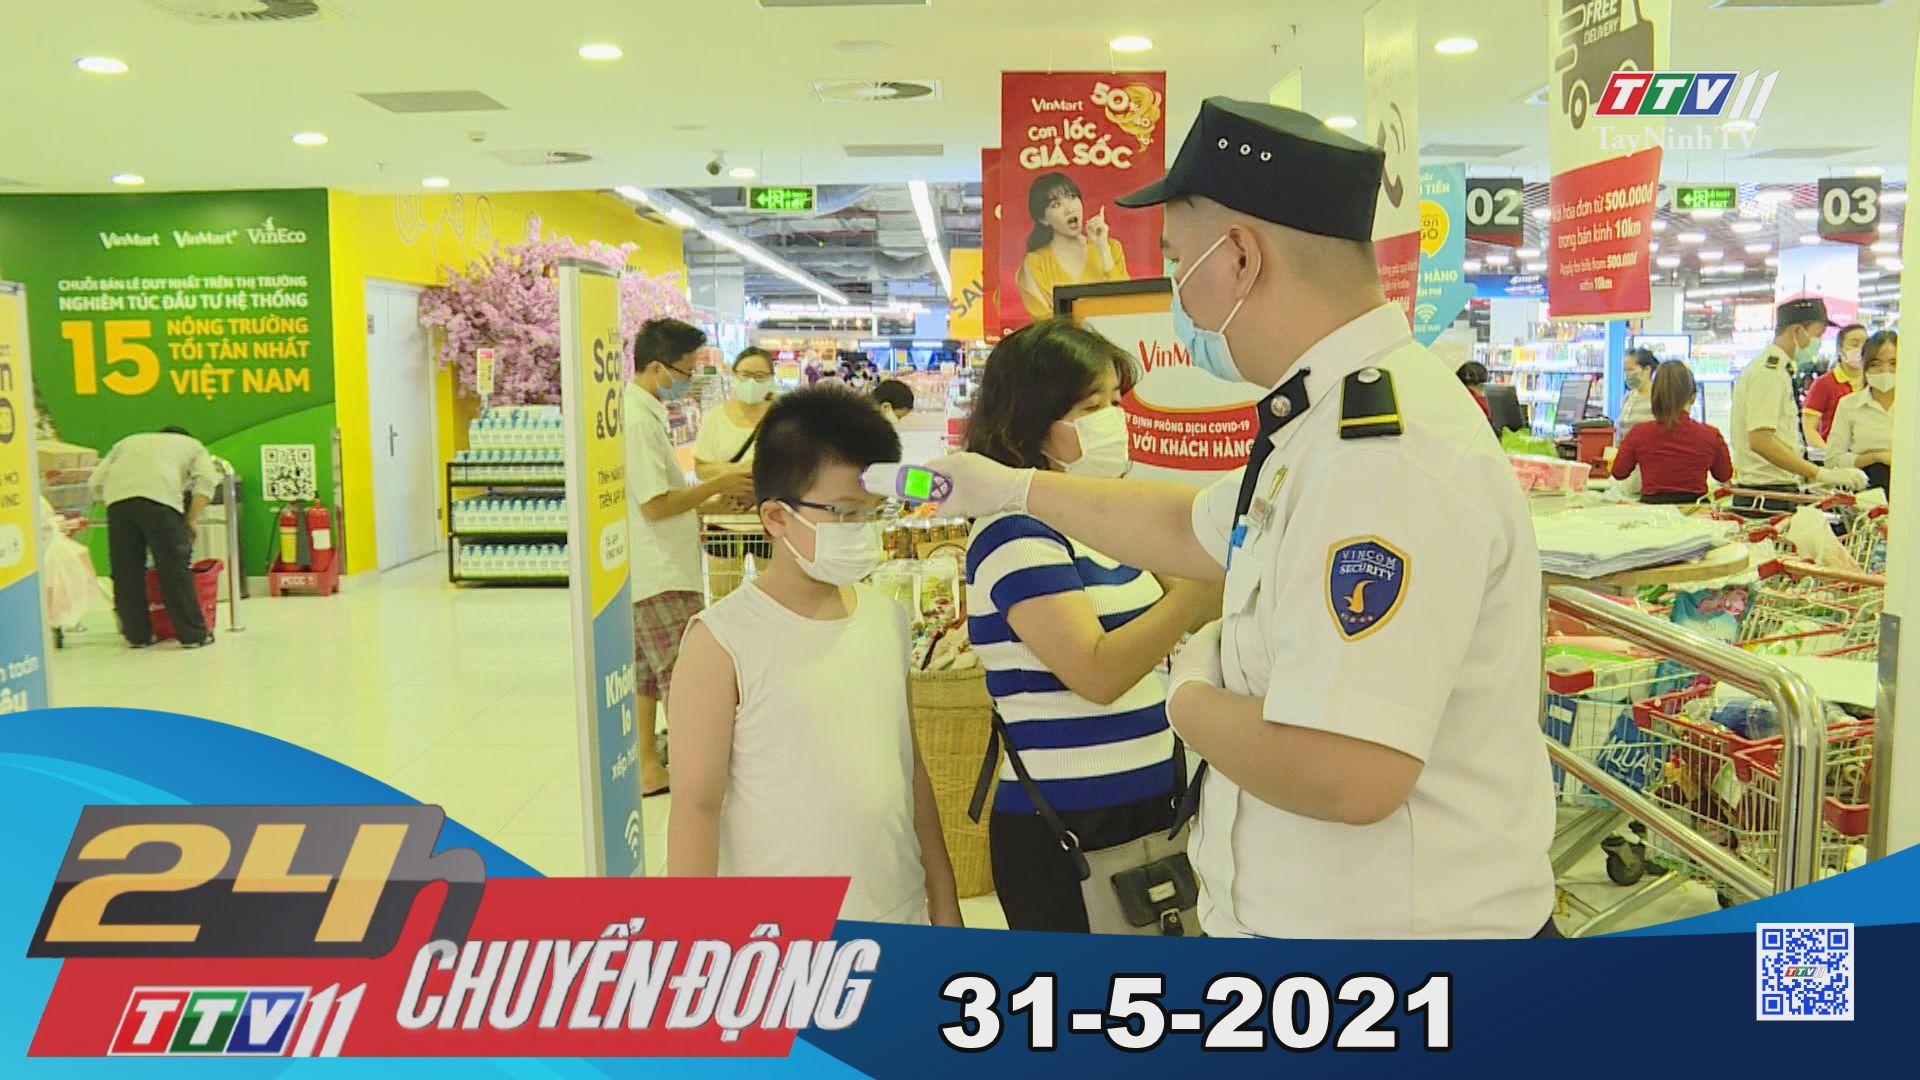 24h Chuyển động 31-5-2021 | Tin tức hôm nay | TayNinhTV